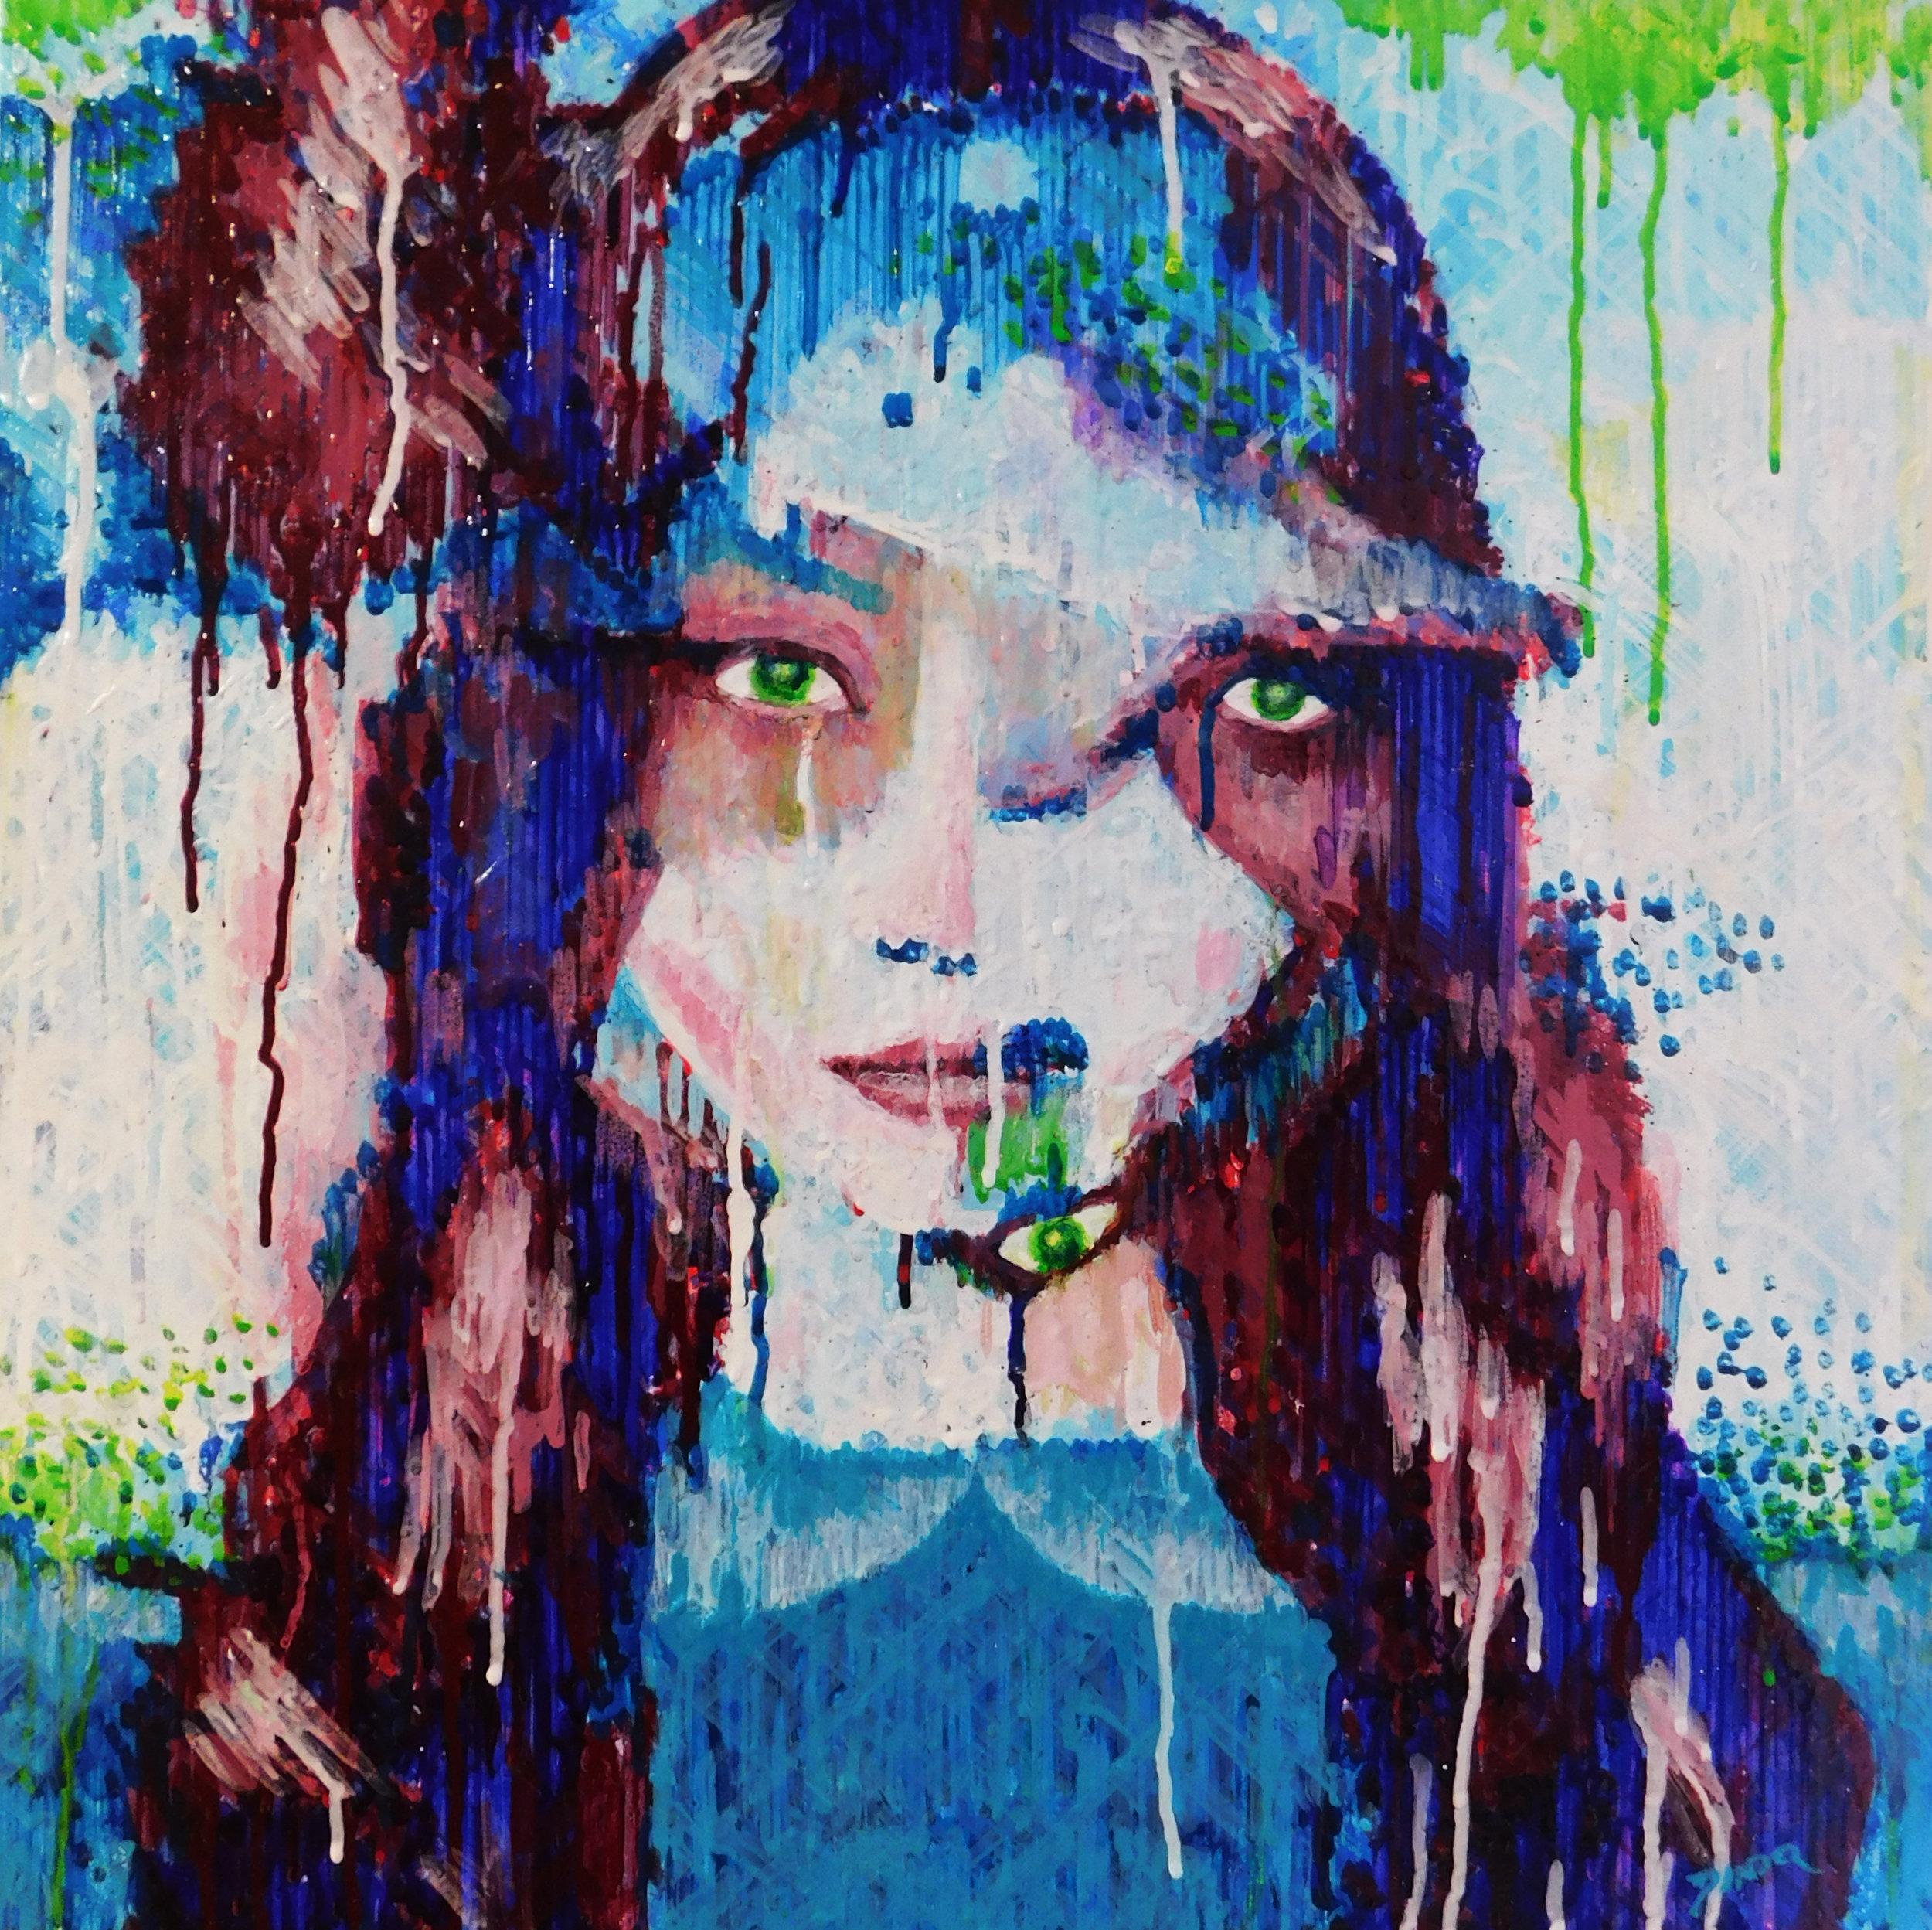 gallery02_image.jpg